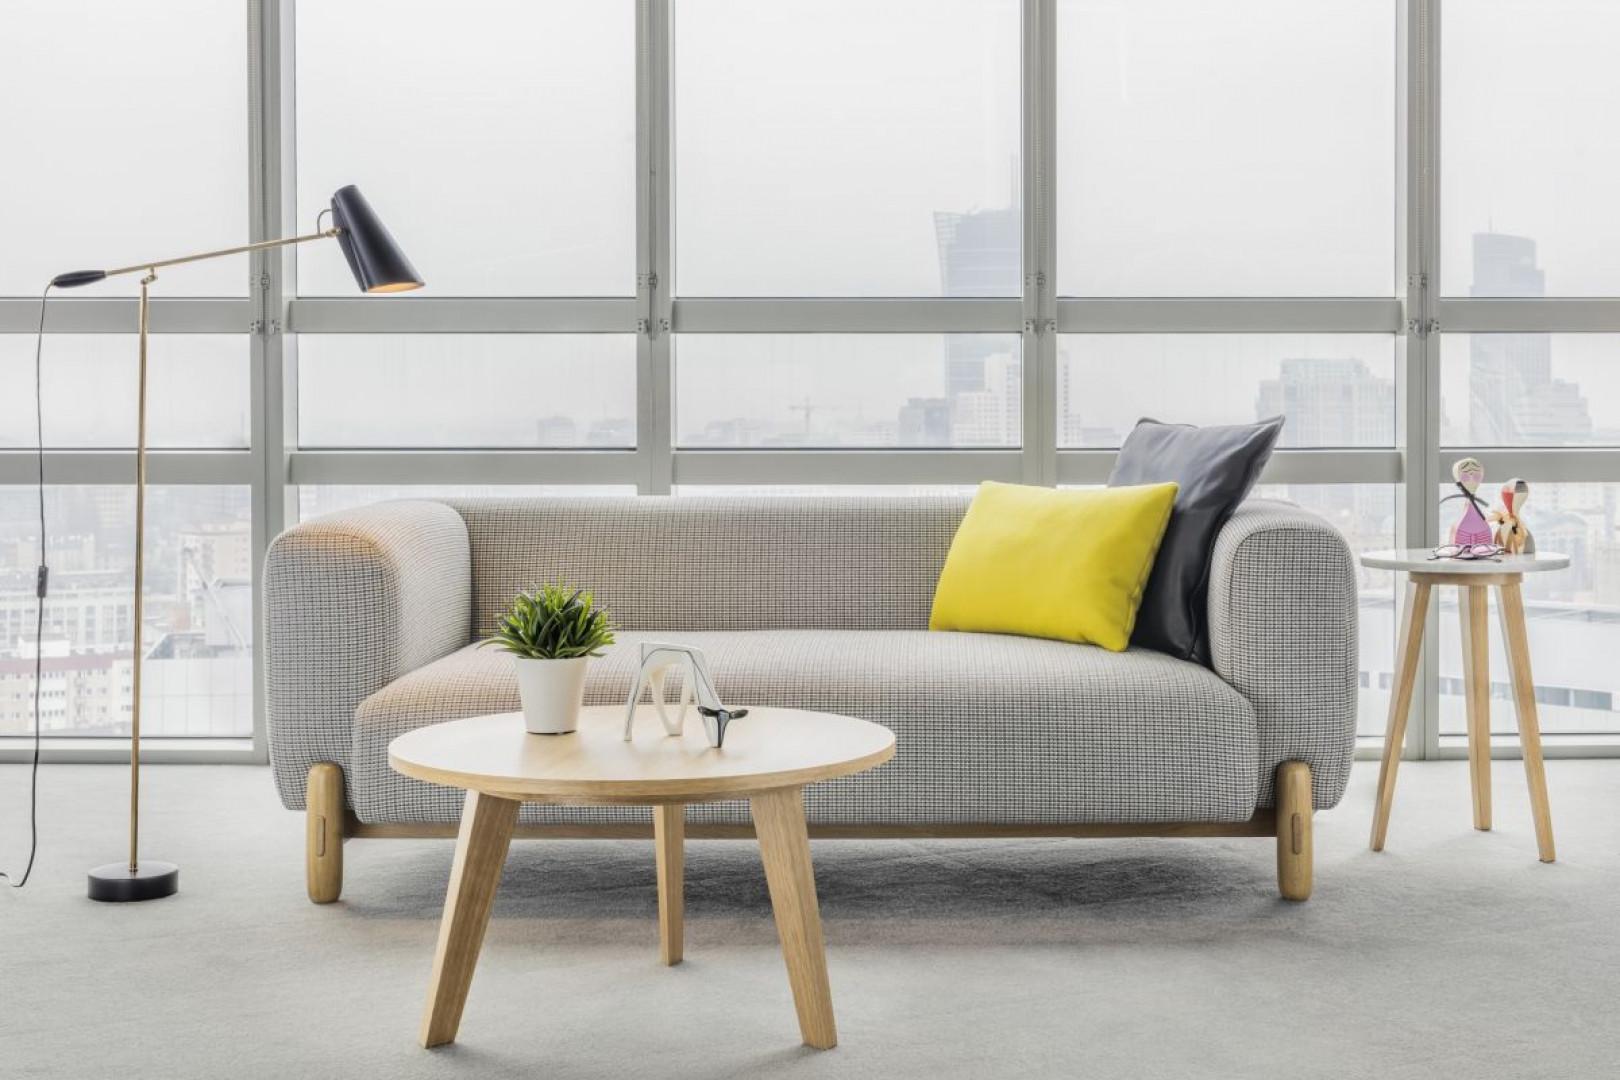 Proste, niemalże architektoniczne kształty sofy Mark (Comforty) zostały uzupełnione wyrazistymi nóżkami, w całości wykonanymi ze szlachetnego drewna. Projekt: Anderssen & Voll. Fot. Comforty